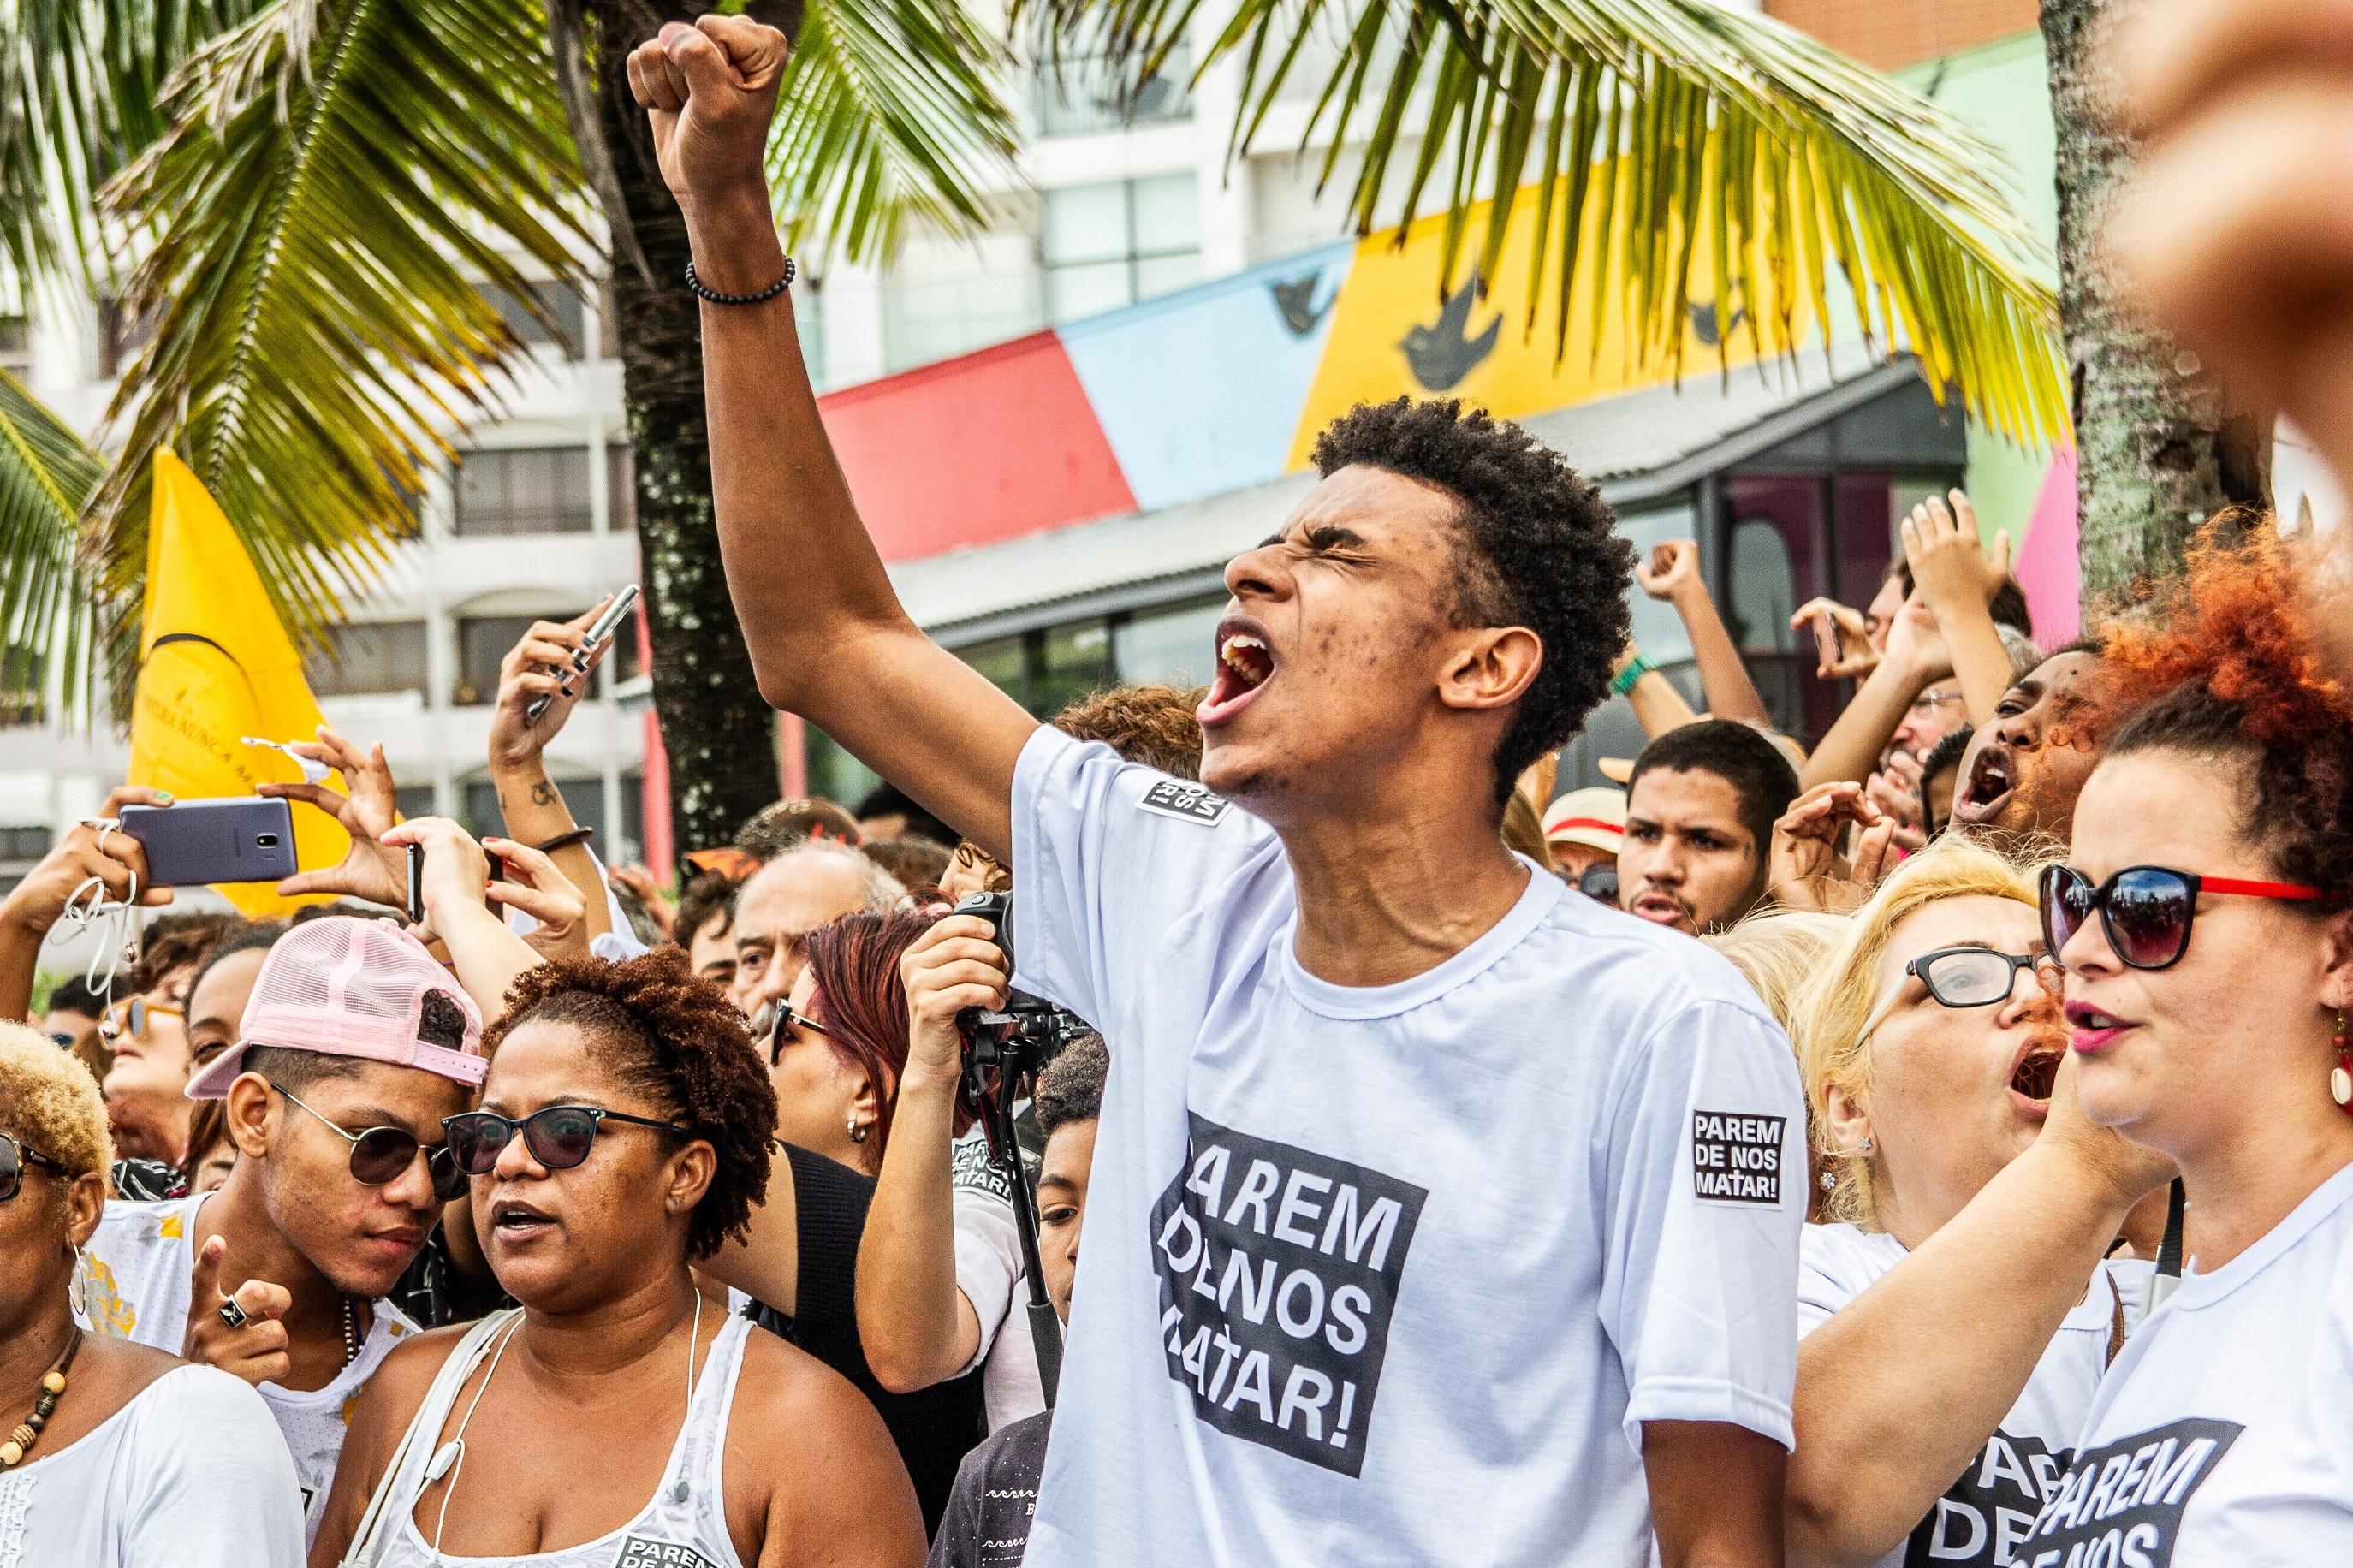 Ato #ParemDeNosMatar reúne periferias em área nobre do Rio